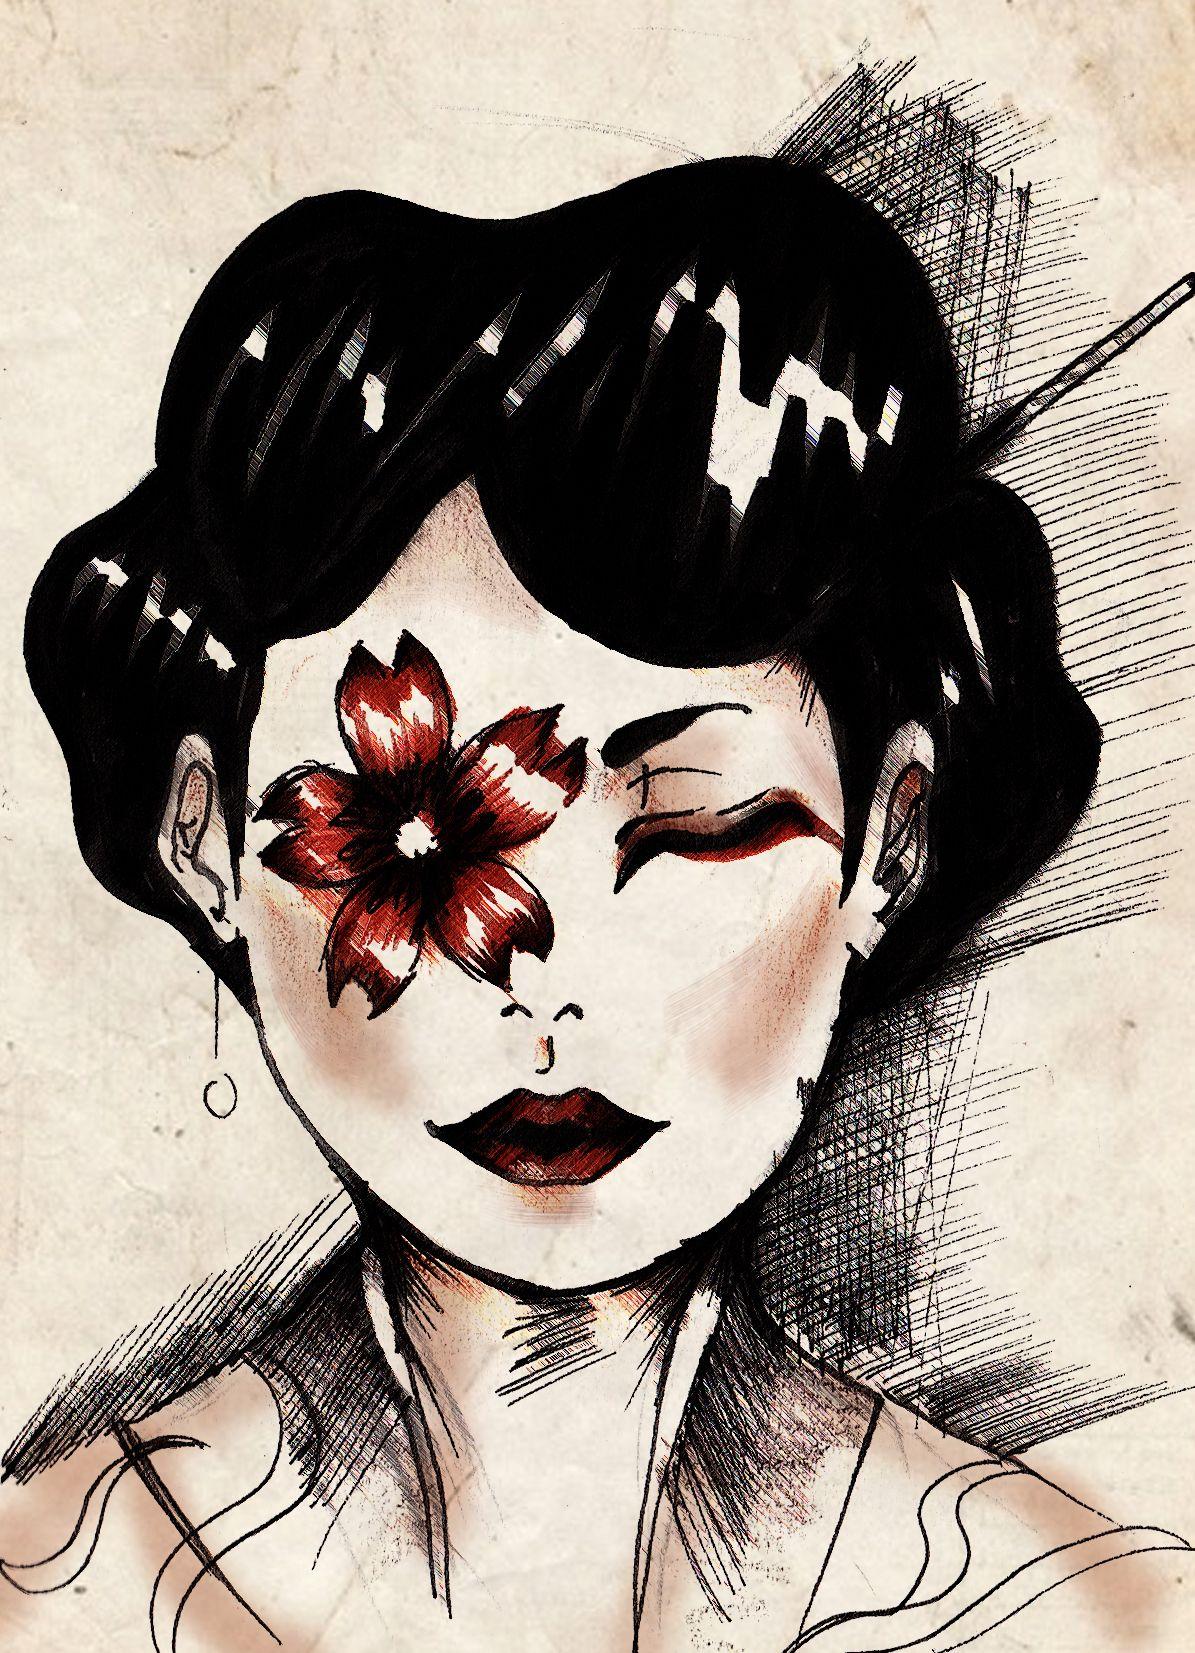 random sketch  I love japan culture  kind of inspirtation!